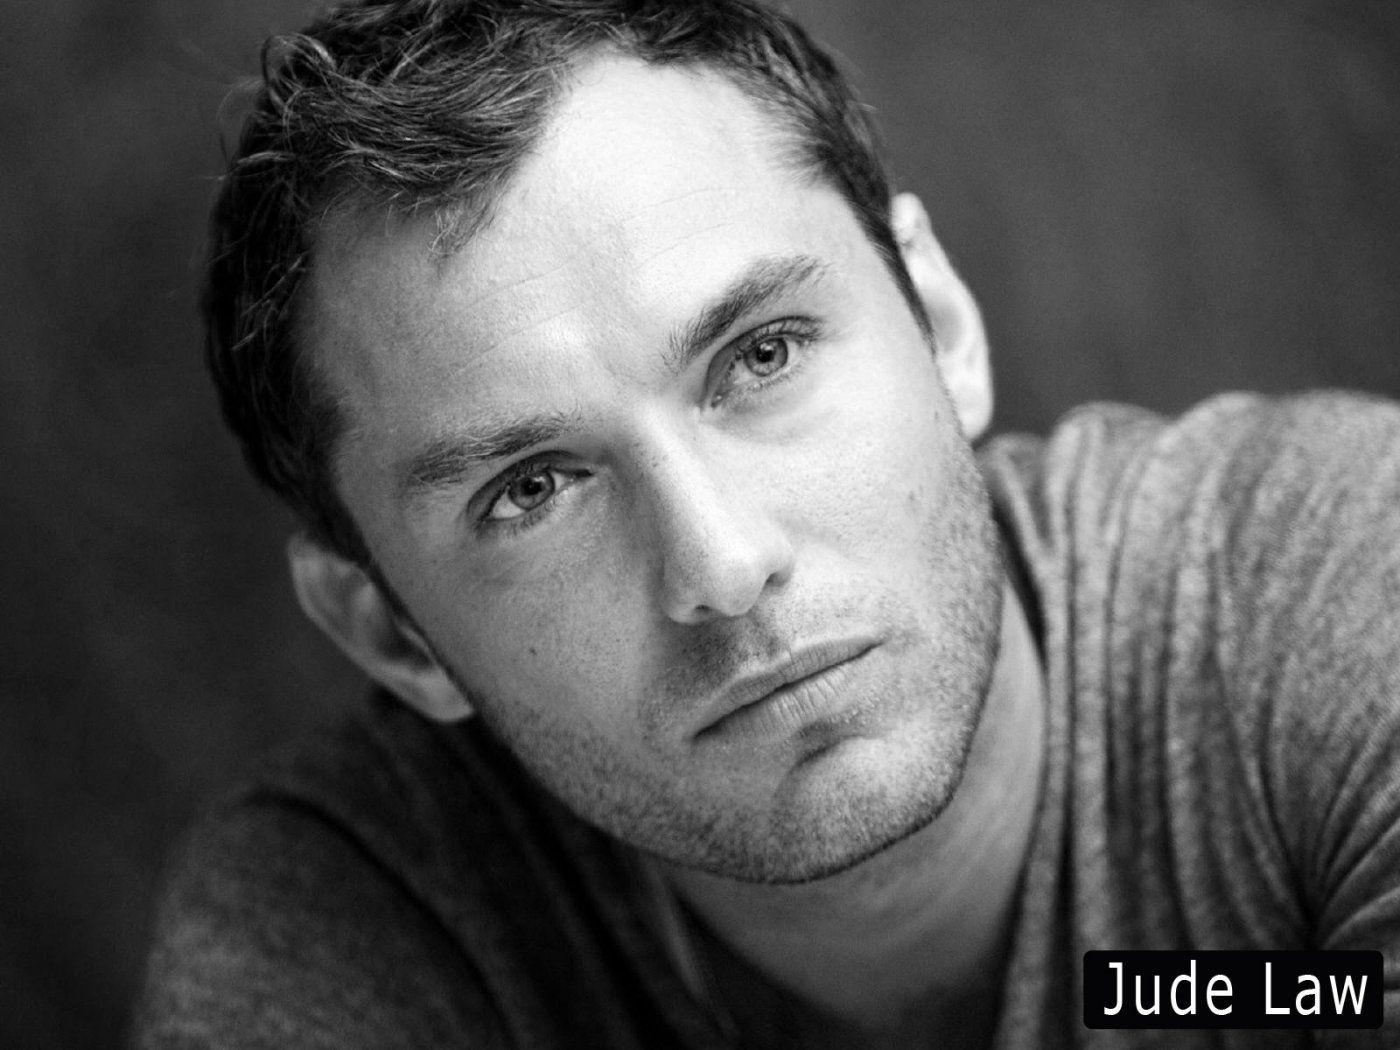 Jude Law jude law movi...